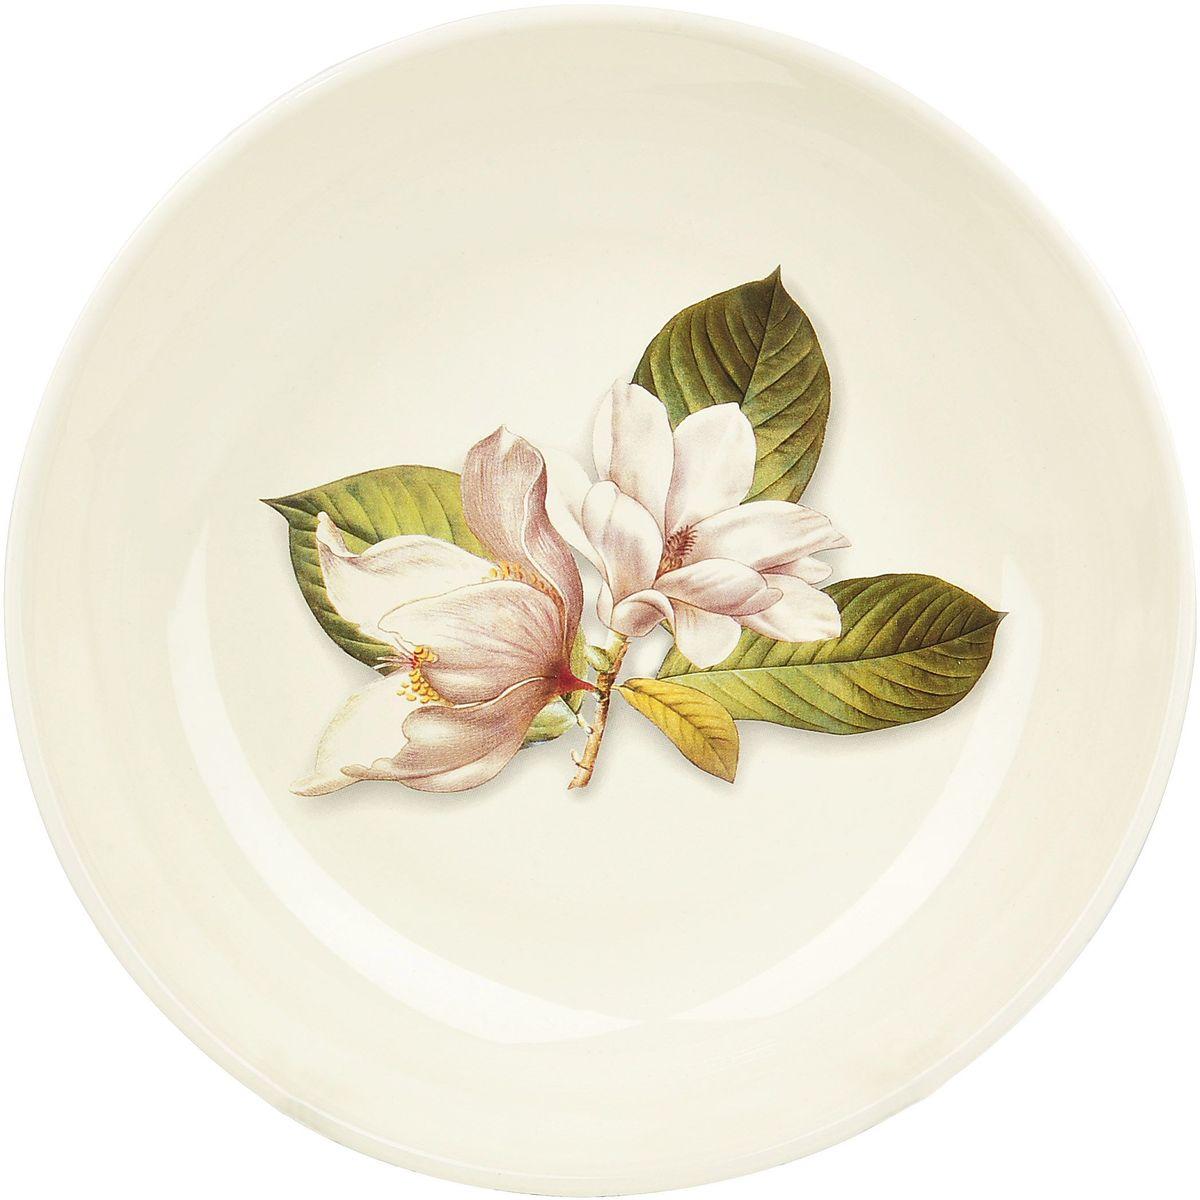 Тарелка обеденная ENS Group Танго Магнолия, диаметр 27 смFS-91909Тарелка Танго Магнолия, изготовленная из высококачественного доломита, предназначена для красивой подачи различных блюд. Изделие декорировано изящным рисунком цветов и имеет изысканный внешний вид. Такая тарелка украсит сервировку стола и подчеркнет прекрасный вкус хозяйки.